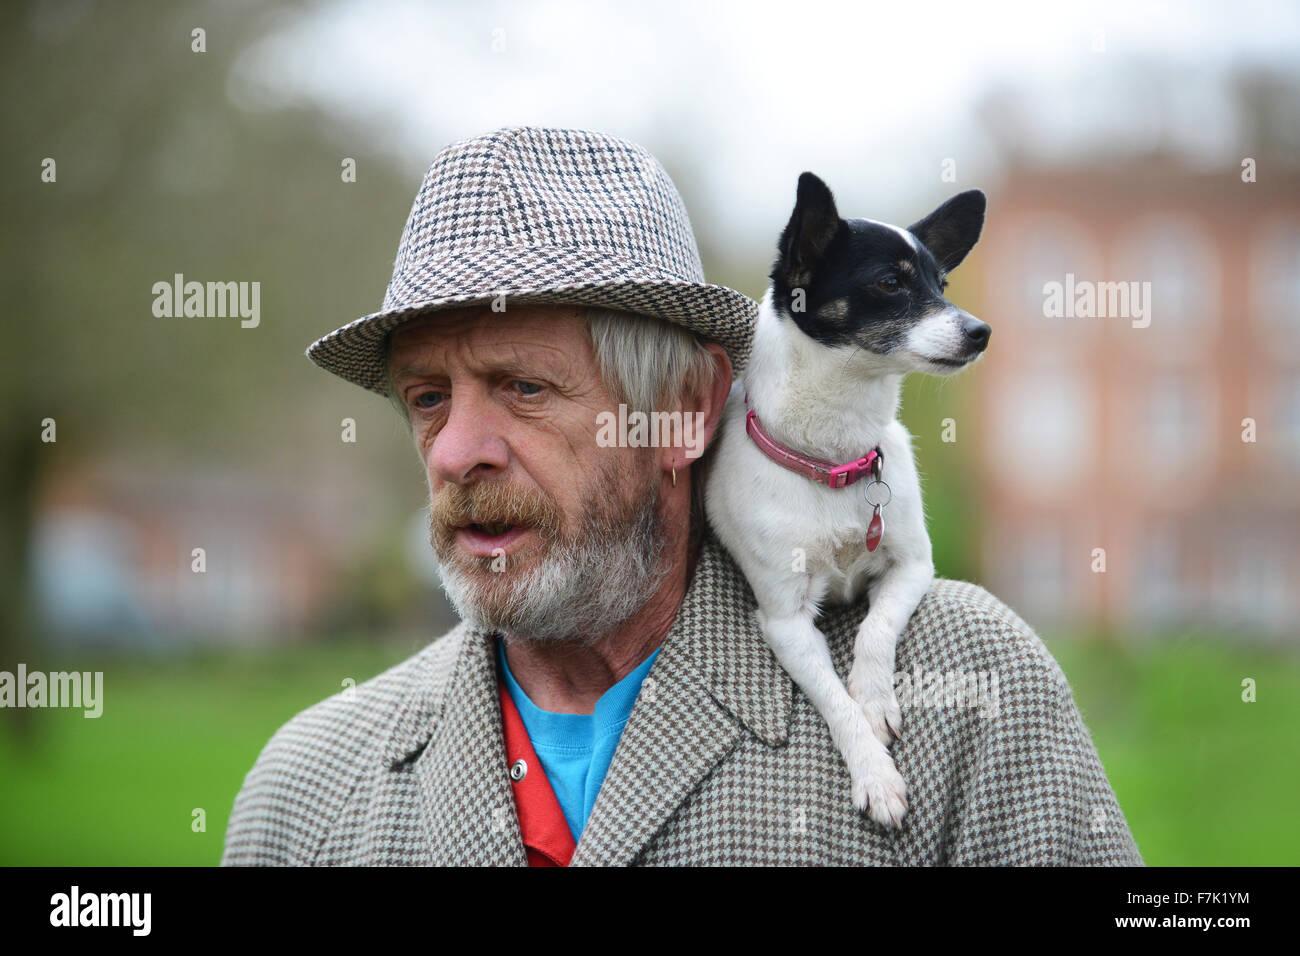 L Homme Avec Son Chien Sur Son Epaule Droles Humour Animaux Fun Photo Stock Alamy